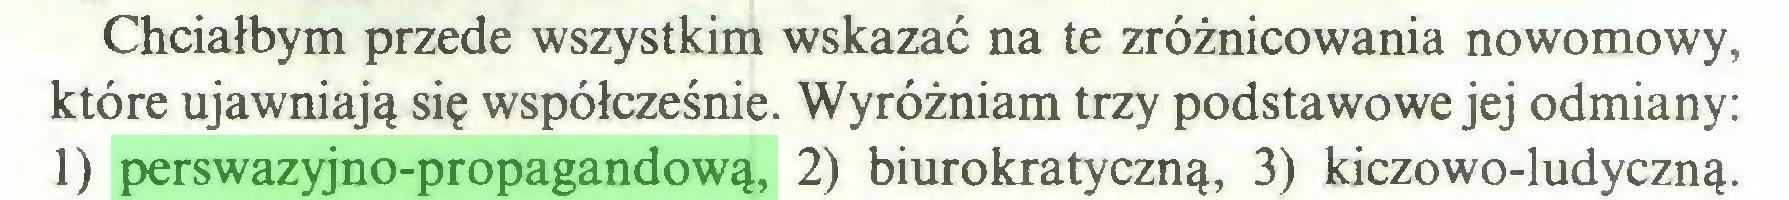 (...) Chciałbym przede wszystkim wskazać na te zróżnicowania nowomowy, które ujawniają się współcześnie. Wyróżniam trzy podstawowe jej odmiany: 1) perswazyjno-propagandową, 2) biurokratyczną, 3) kiczowo-ludyczną...